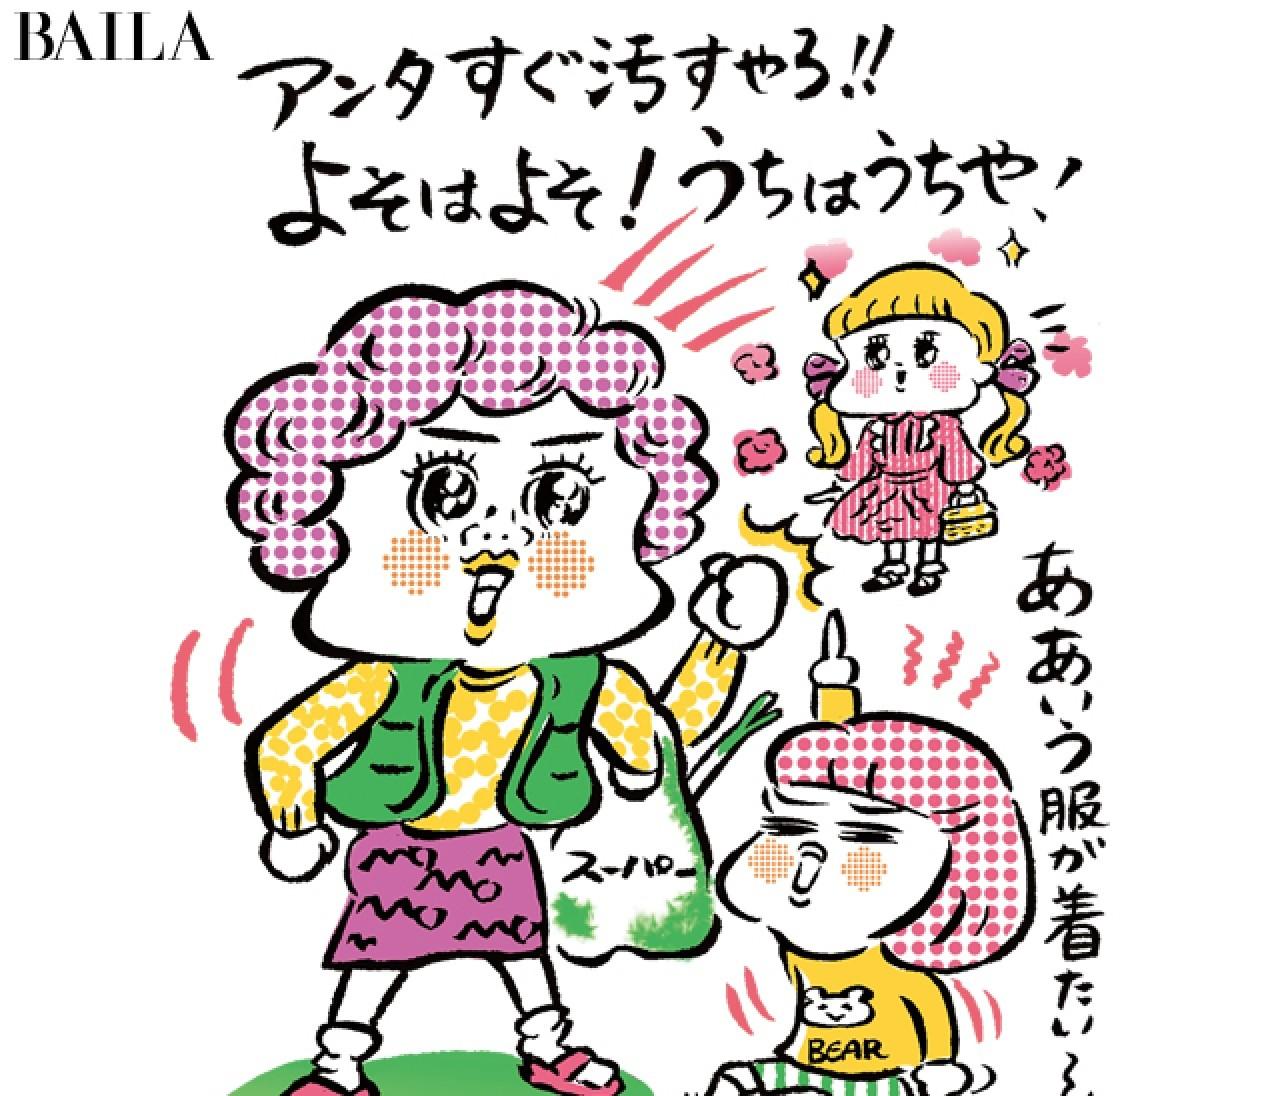 つい人と比べちゃうあなたへ!関西おばちゃんに学ぶ【よそはよそ、うちはうち】